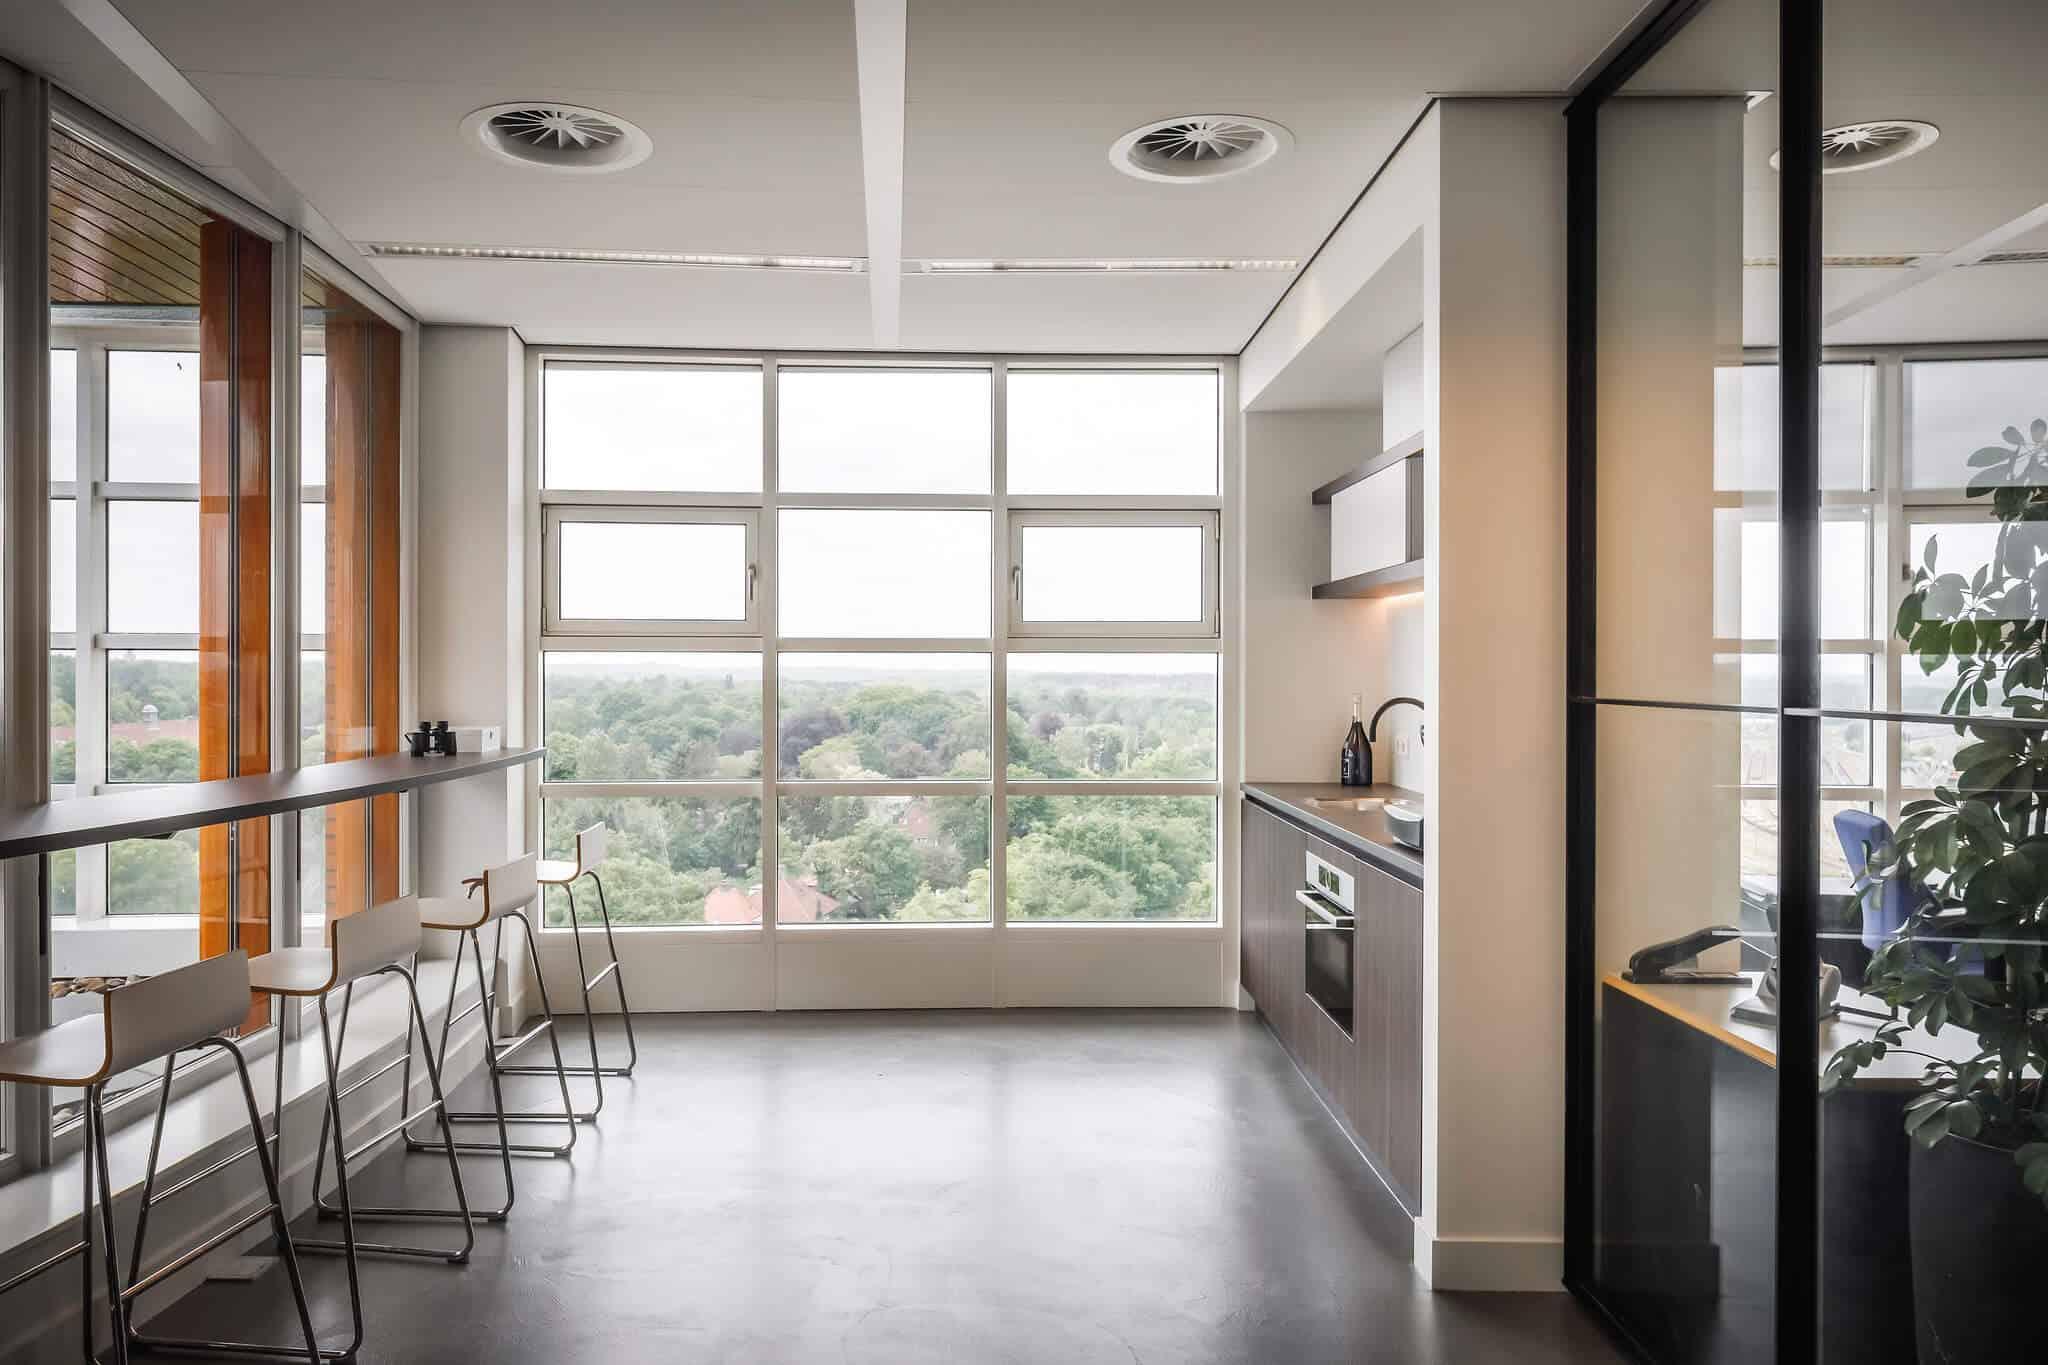 Wildenberg ontwerpt kantoor Delamine indirecte verlichting keuken pantry met krukken